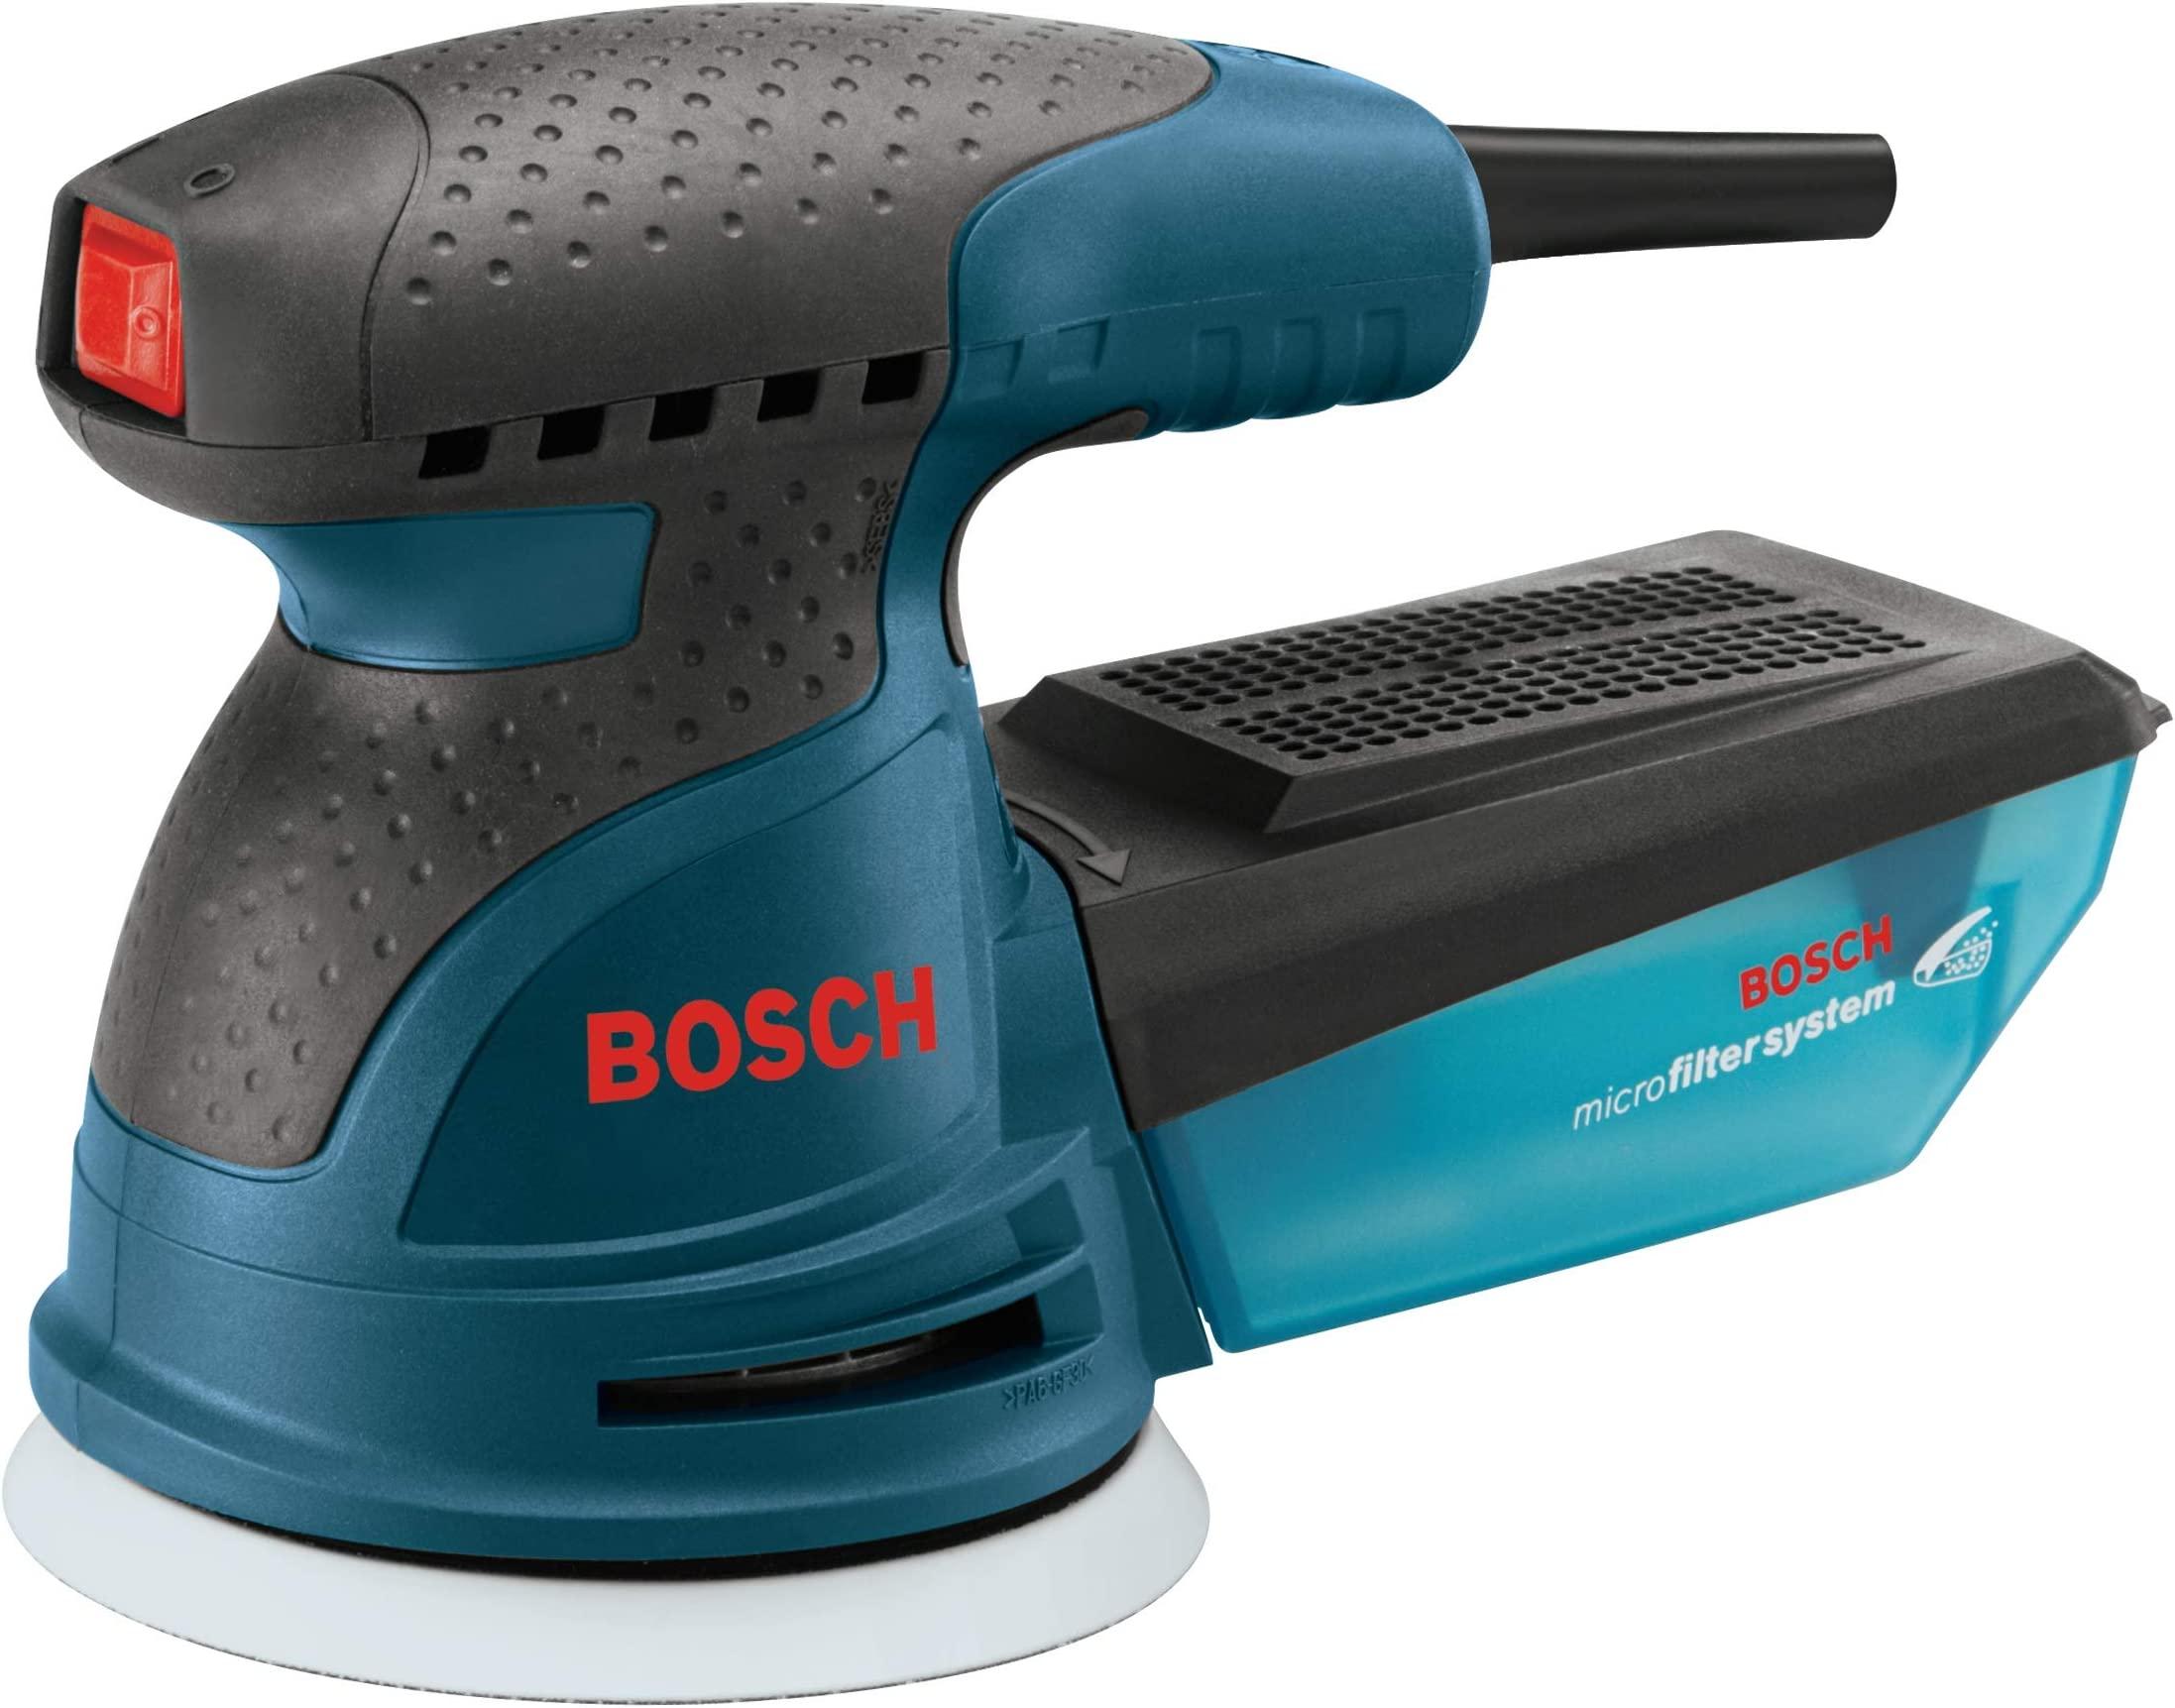 Bosch ROS10 120 Volt Random Orbit Sander